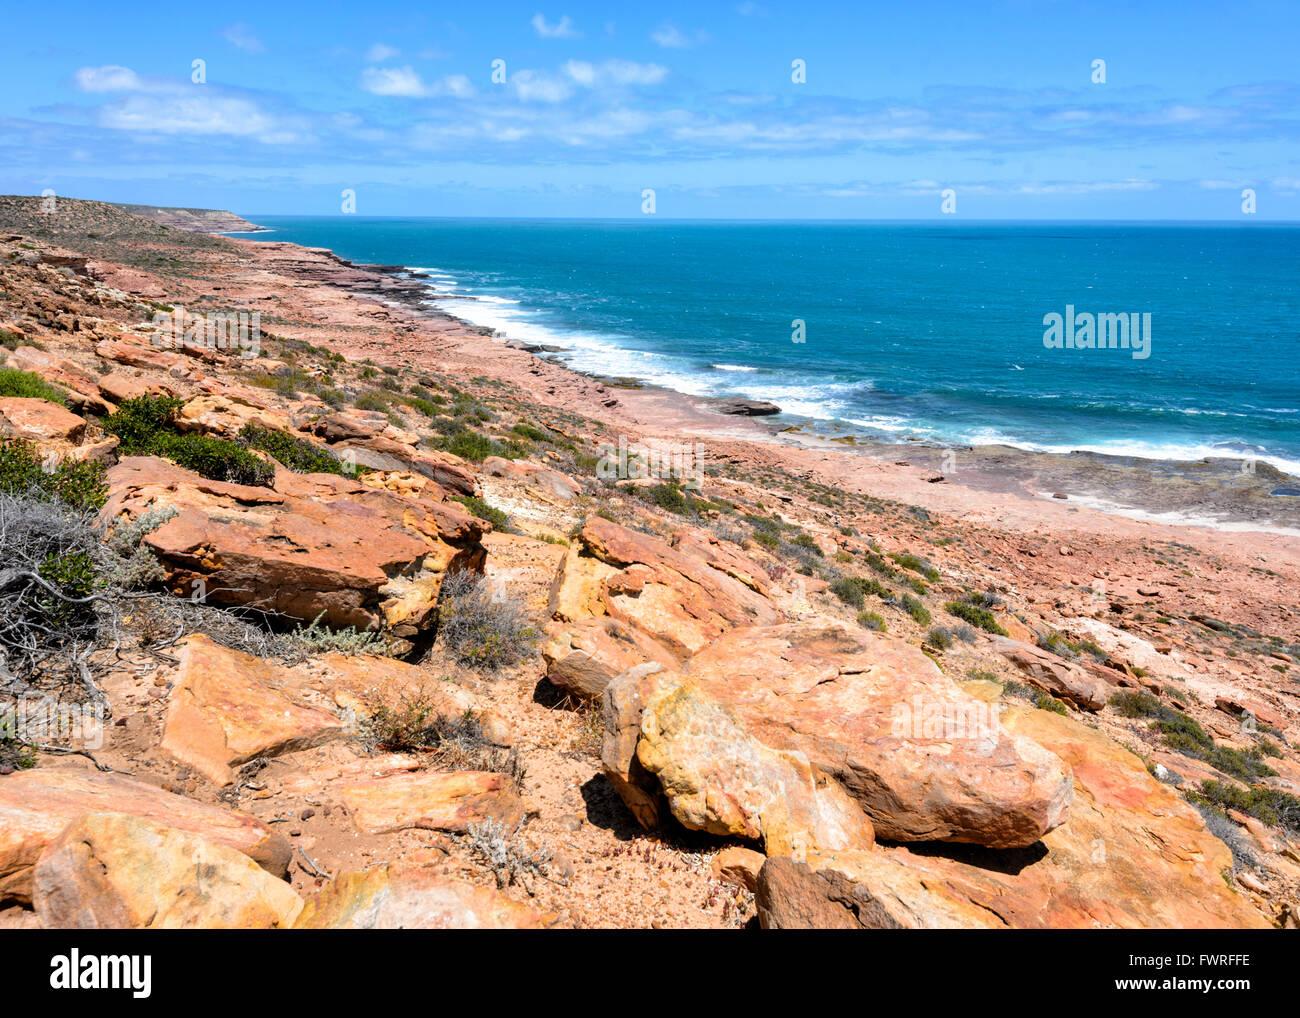 Küste, Kalbarri National Park, Western Australia, Australien Stockbild